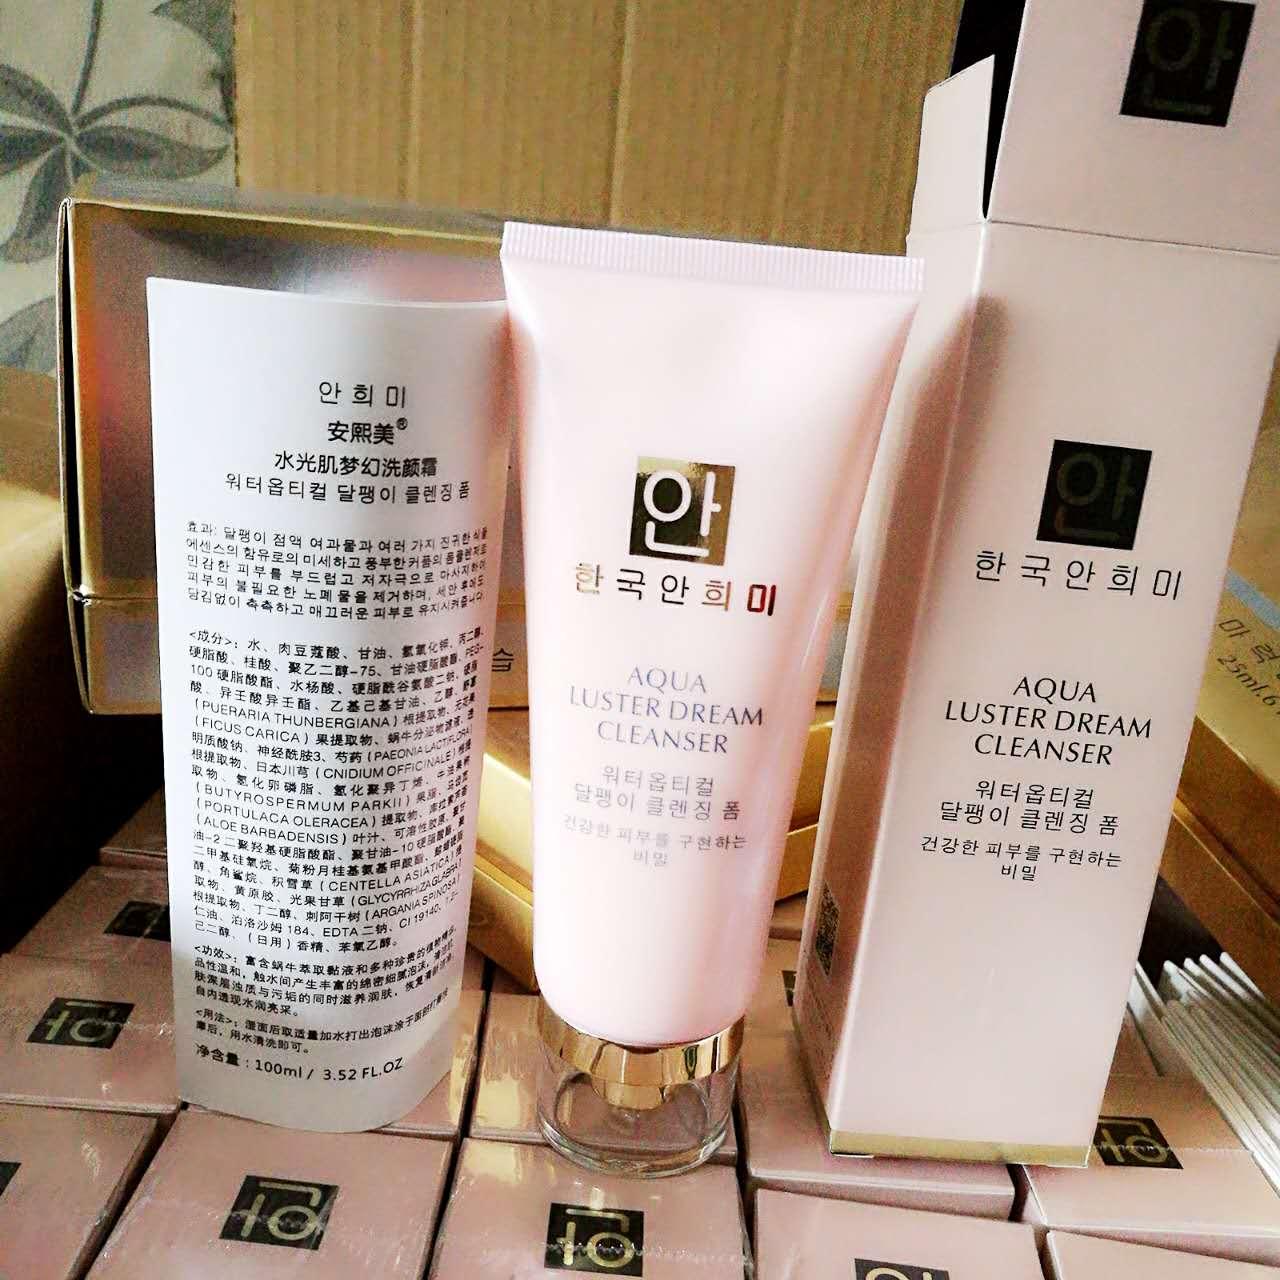 安熙美洗顔料の乳液と光の肌の夢幻の洗顔クリームを補充して、水を控えて毛穴の100 mlを収めて買って1つプレゼントします。